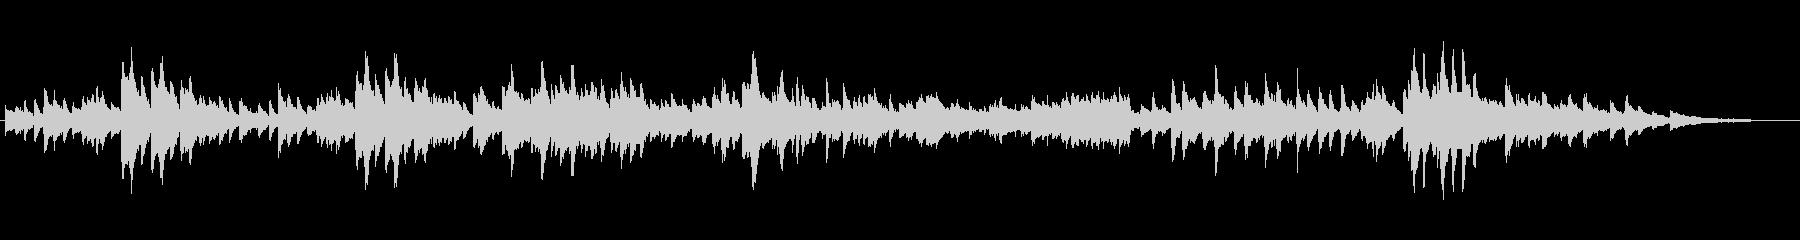 ハイドンの名によるメヌエットの未再生の波形